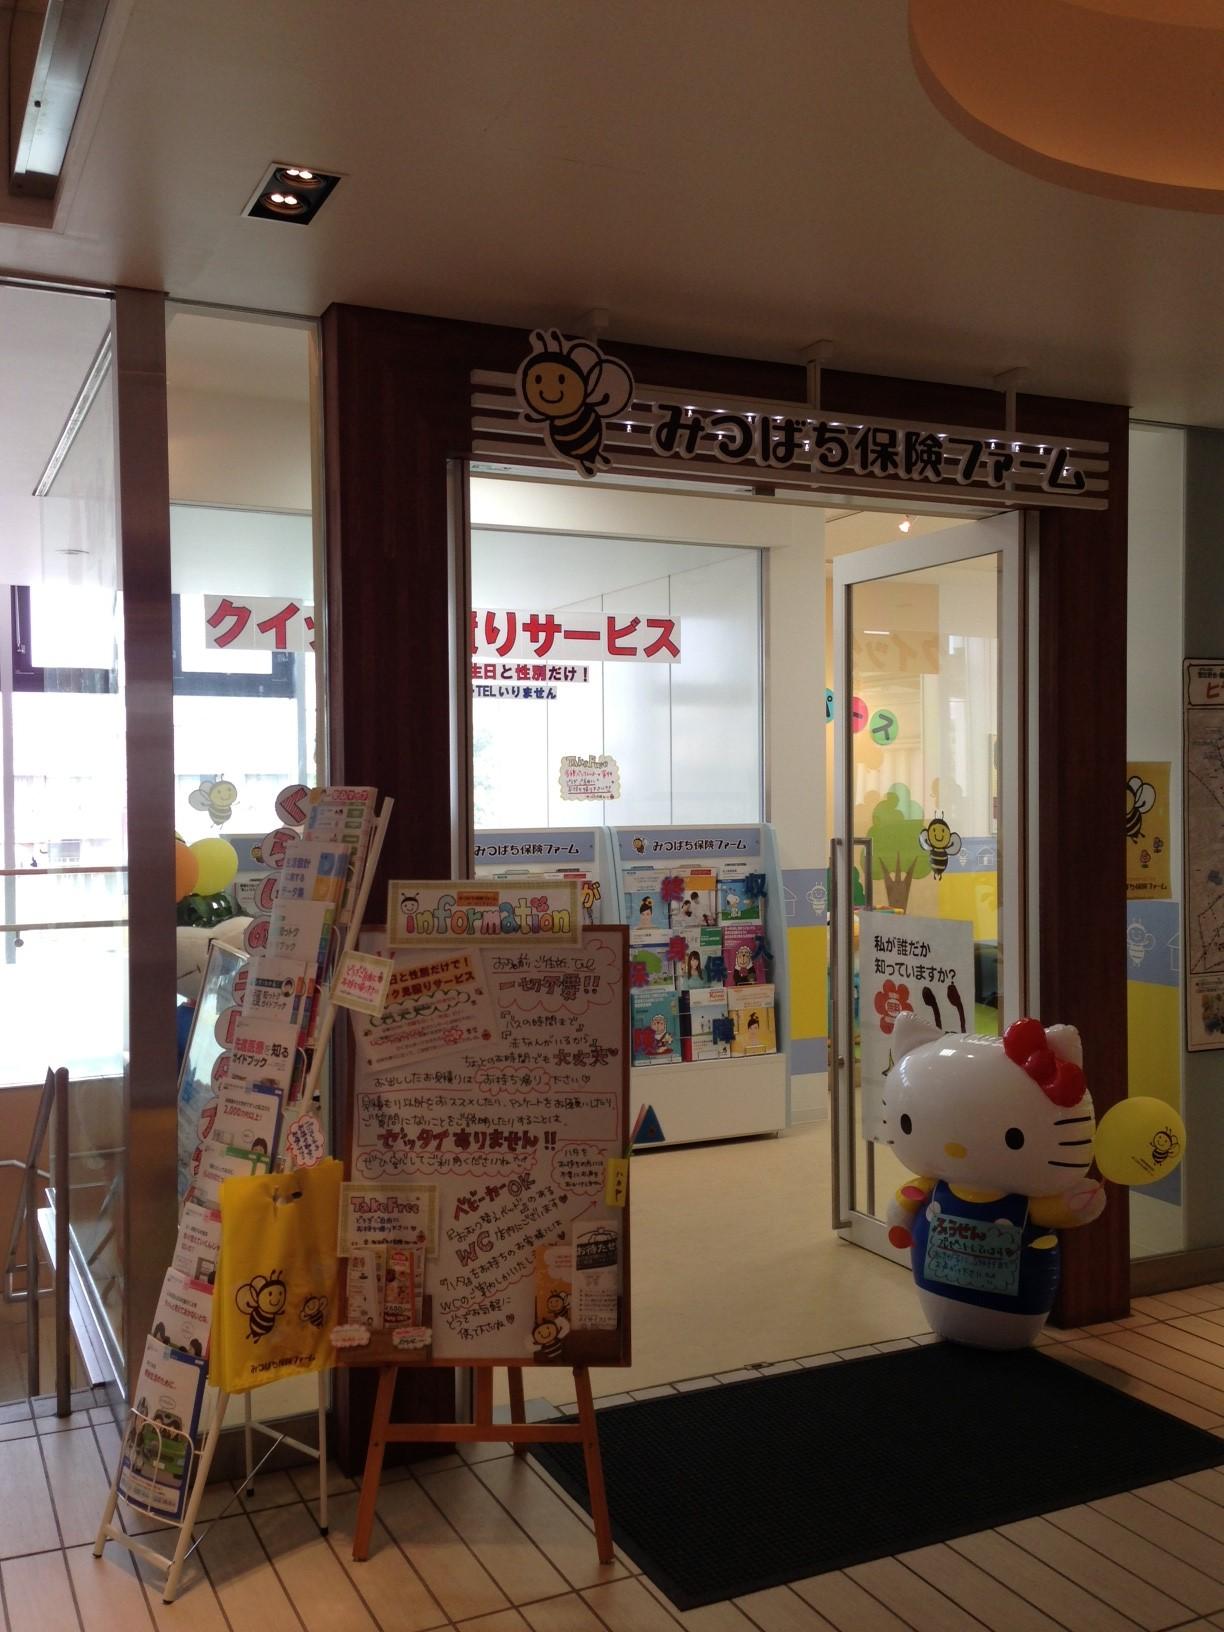 みつばち保険ファーム 北習志野駅エキタきたなら店の画像1